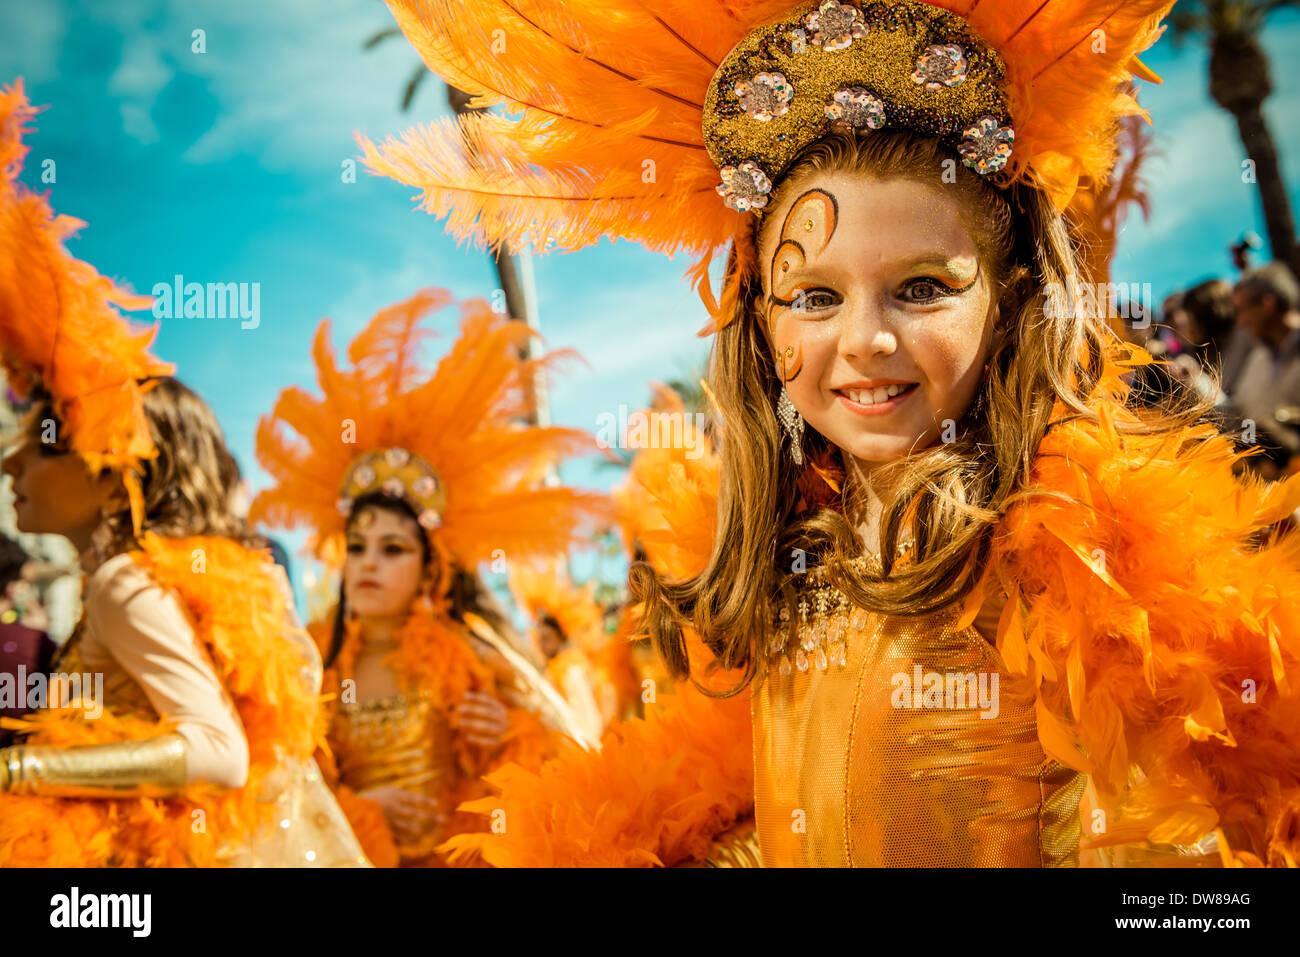 Sitges, Spagna. 2 marzo 2014: Bambini festaioli ballare durante la Domenica sfilata dei bambini sfilata di carnevale Foto Stock